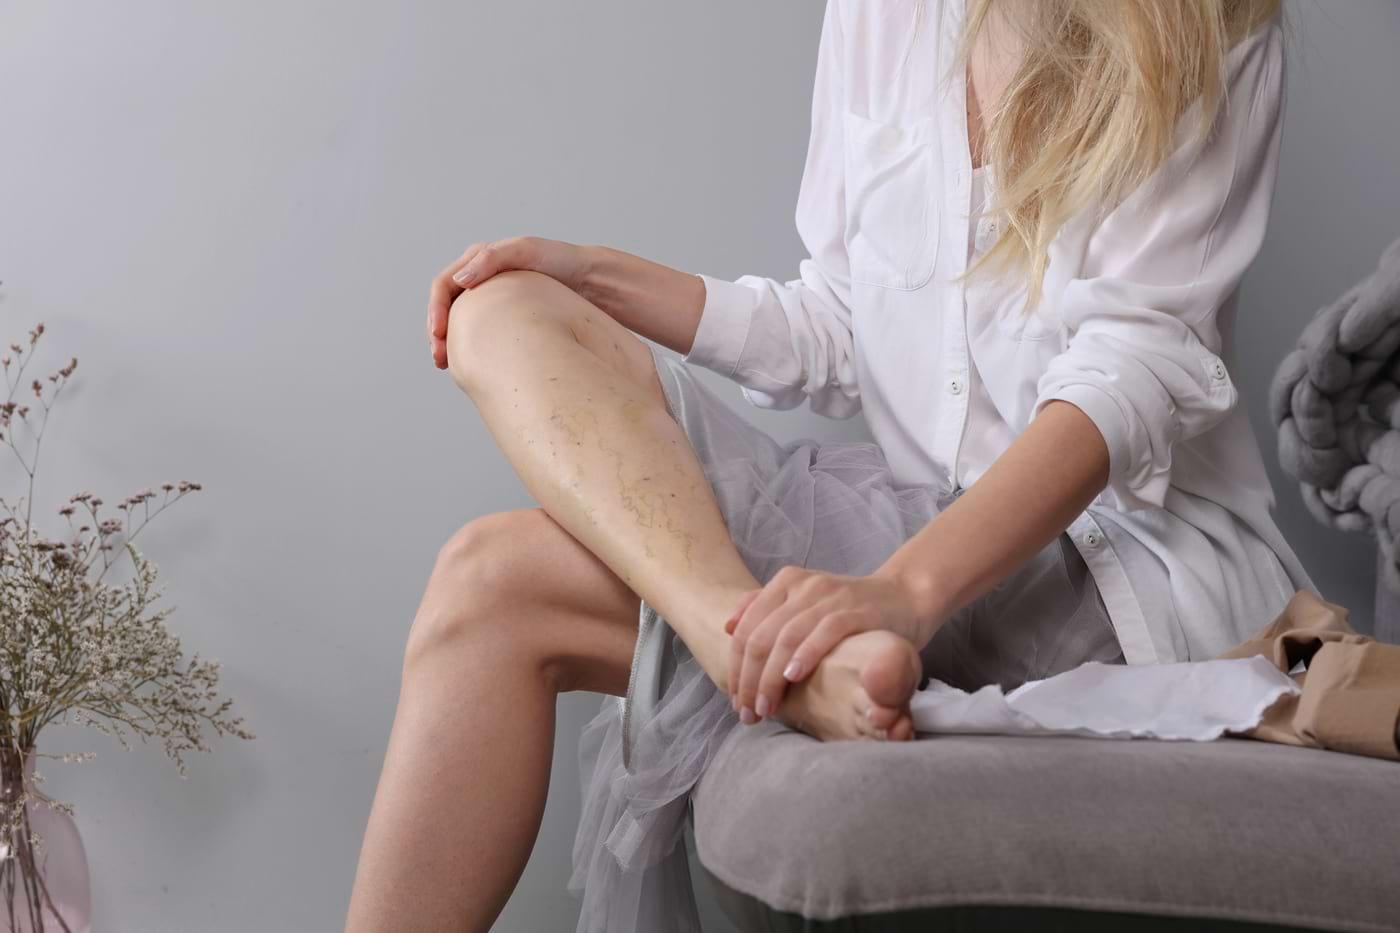 Contracepția în tromboza venoasă: ce ar trebui să știi